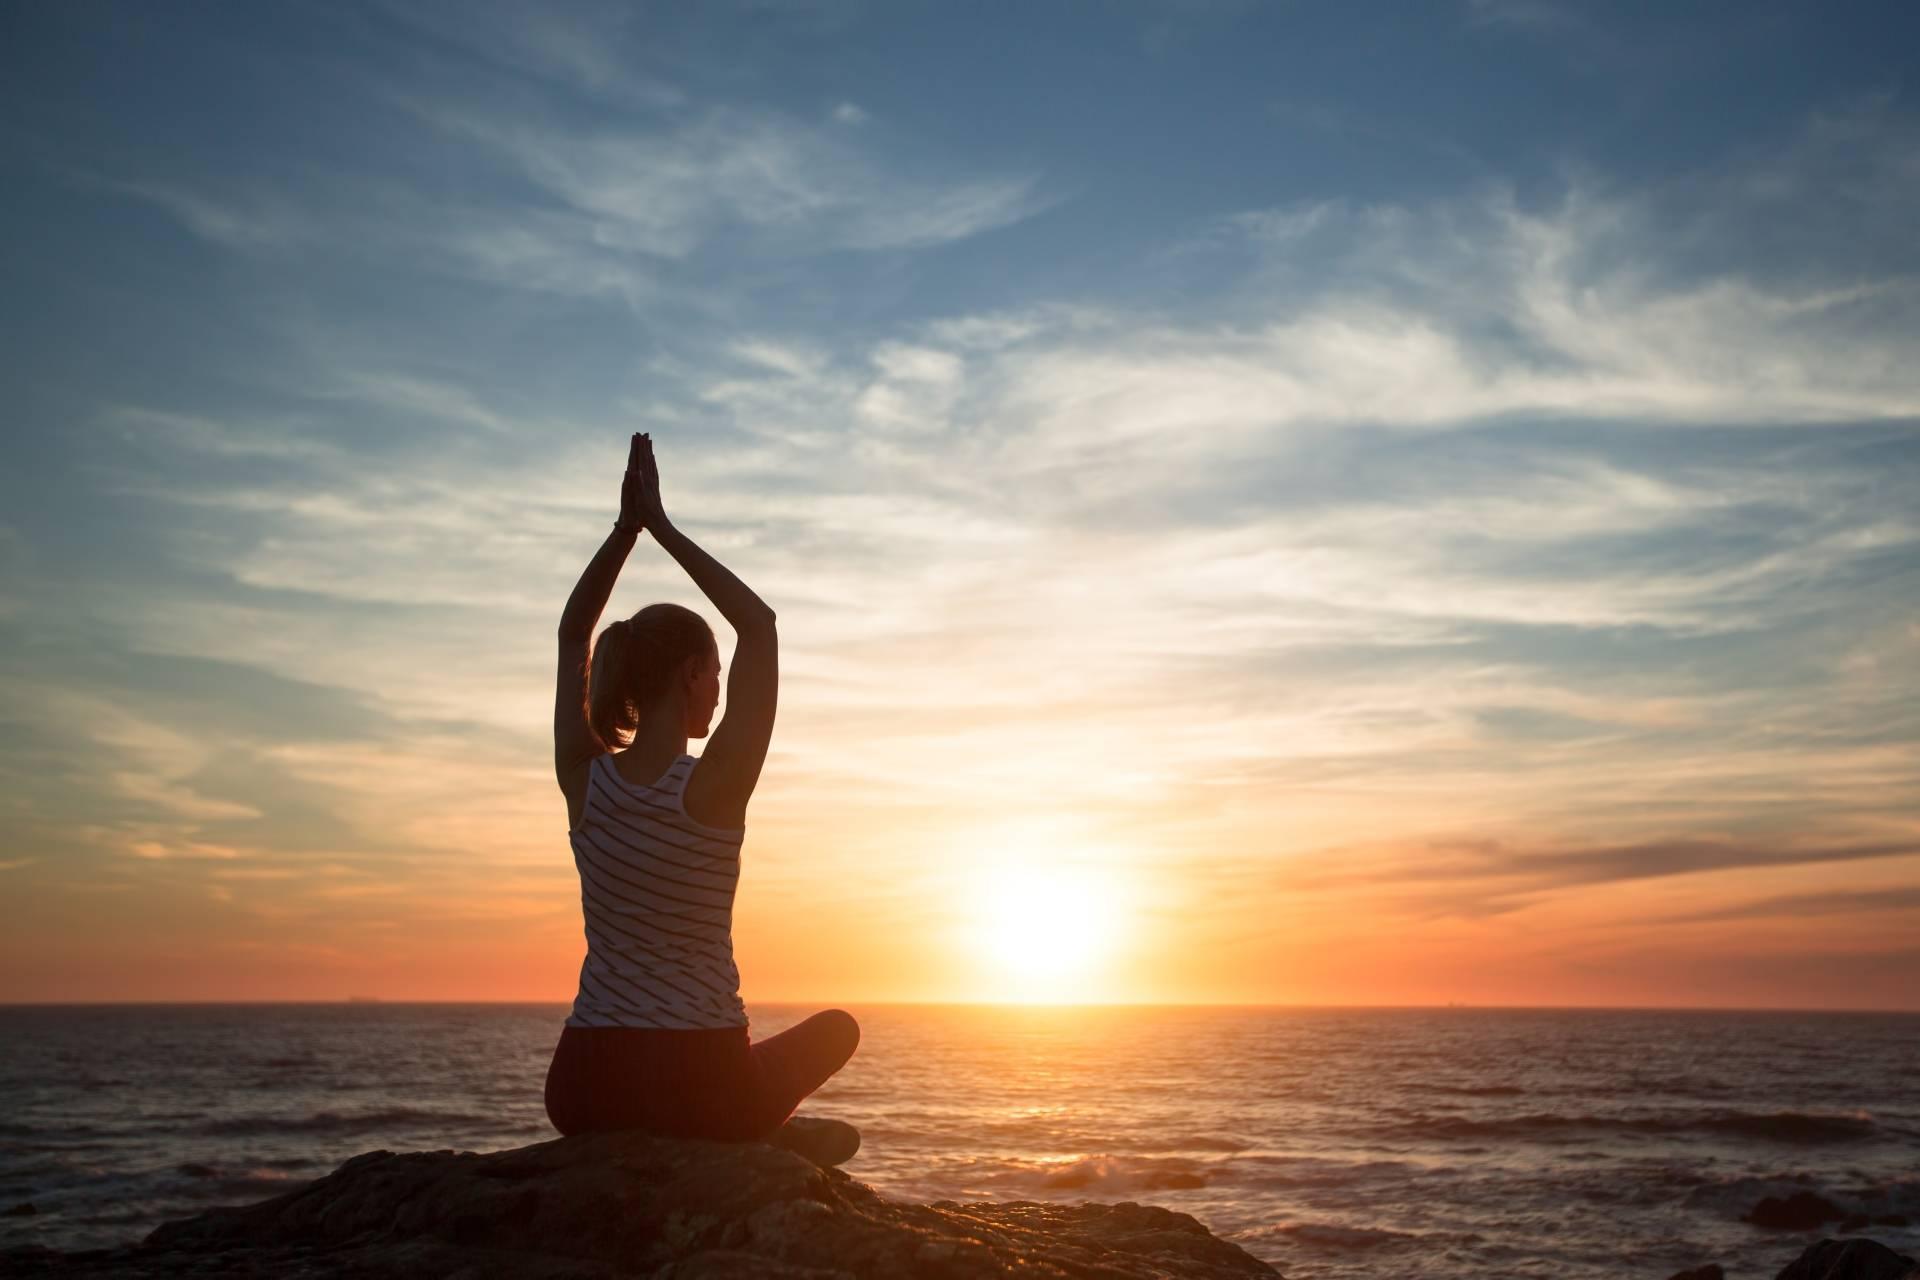 Jak medytować? Medytacja dla początkujących. Kobieta siedzi na skarpie nad oceanem o zachodzi słońca i medytuje.